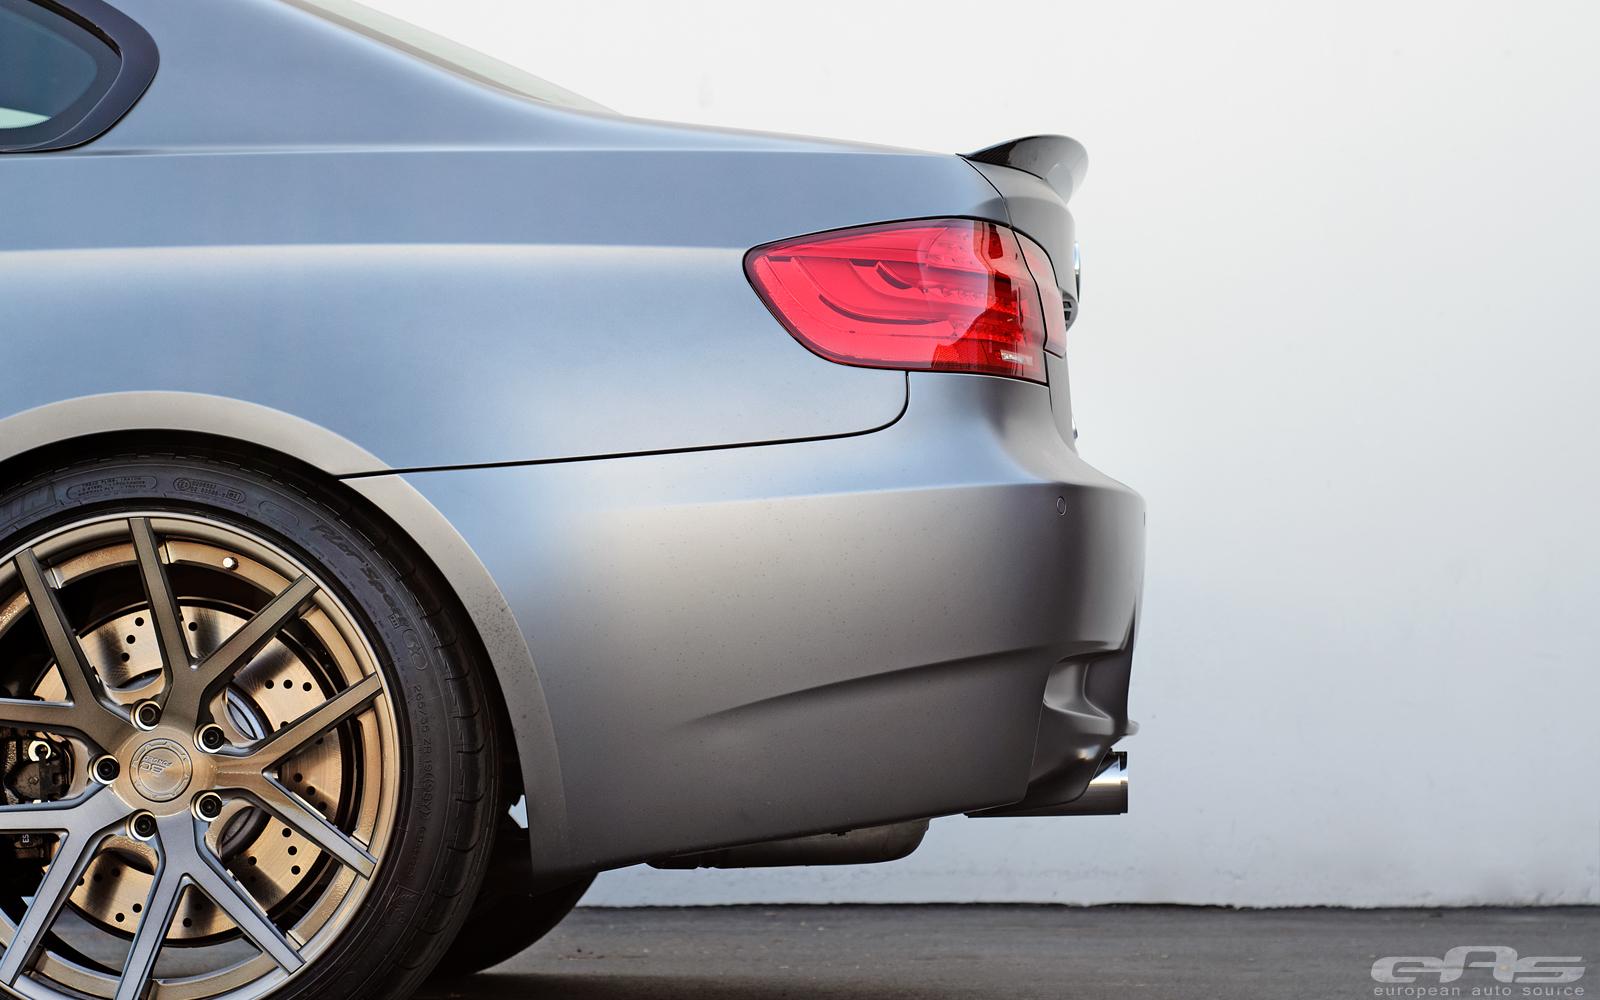 Audi a4 tdi quattro wagon